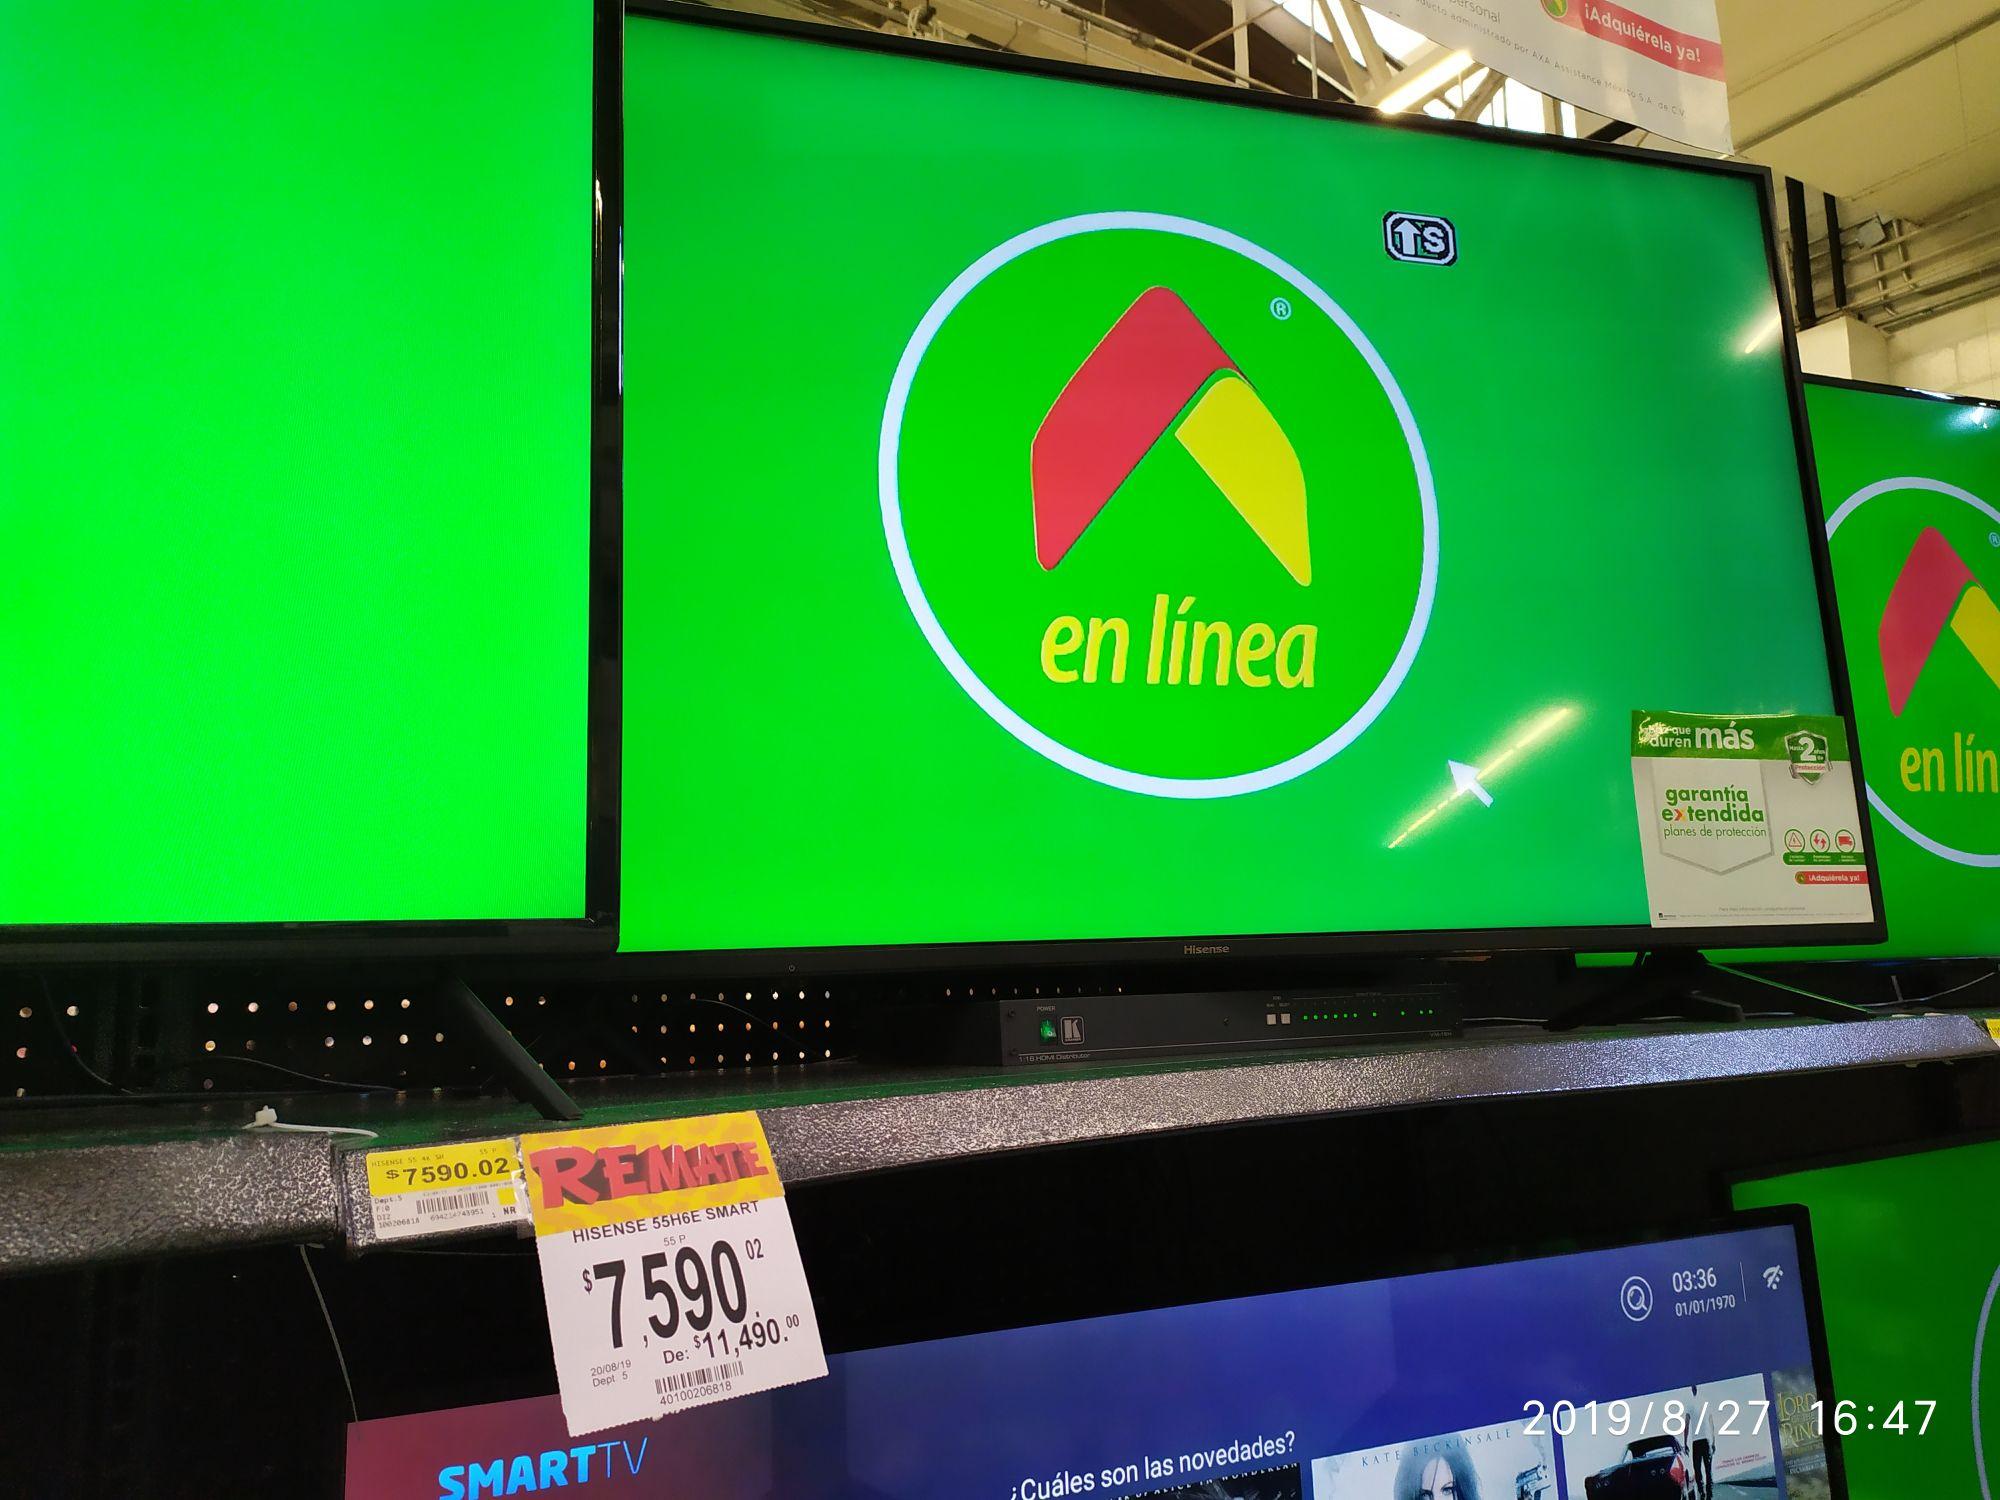 Bodega Aurrerá: Smart tv Hisense 55 pulgadas